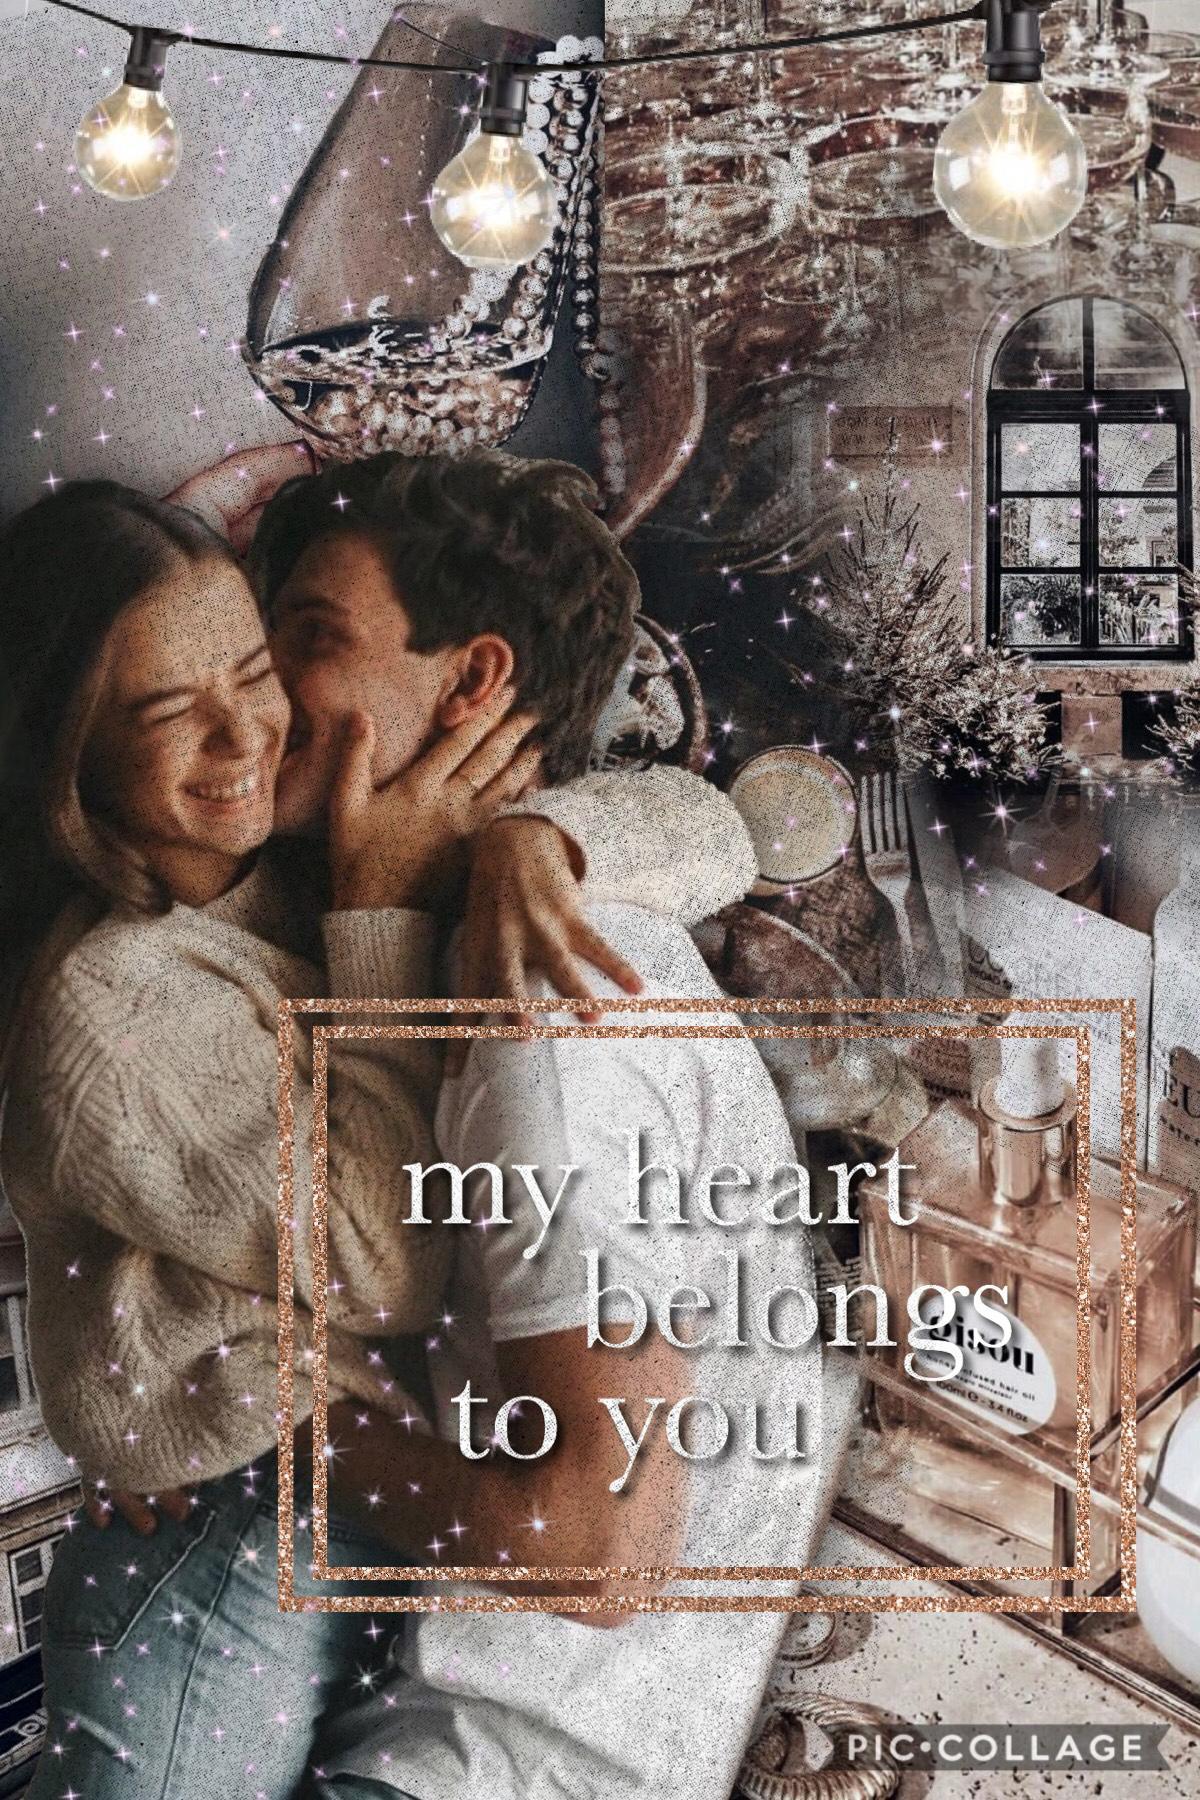 My heart belongs to you💖